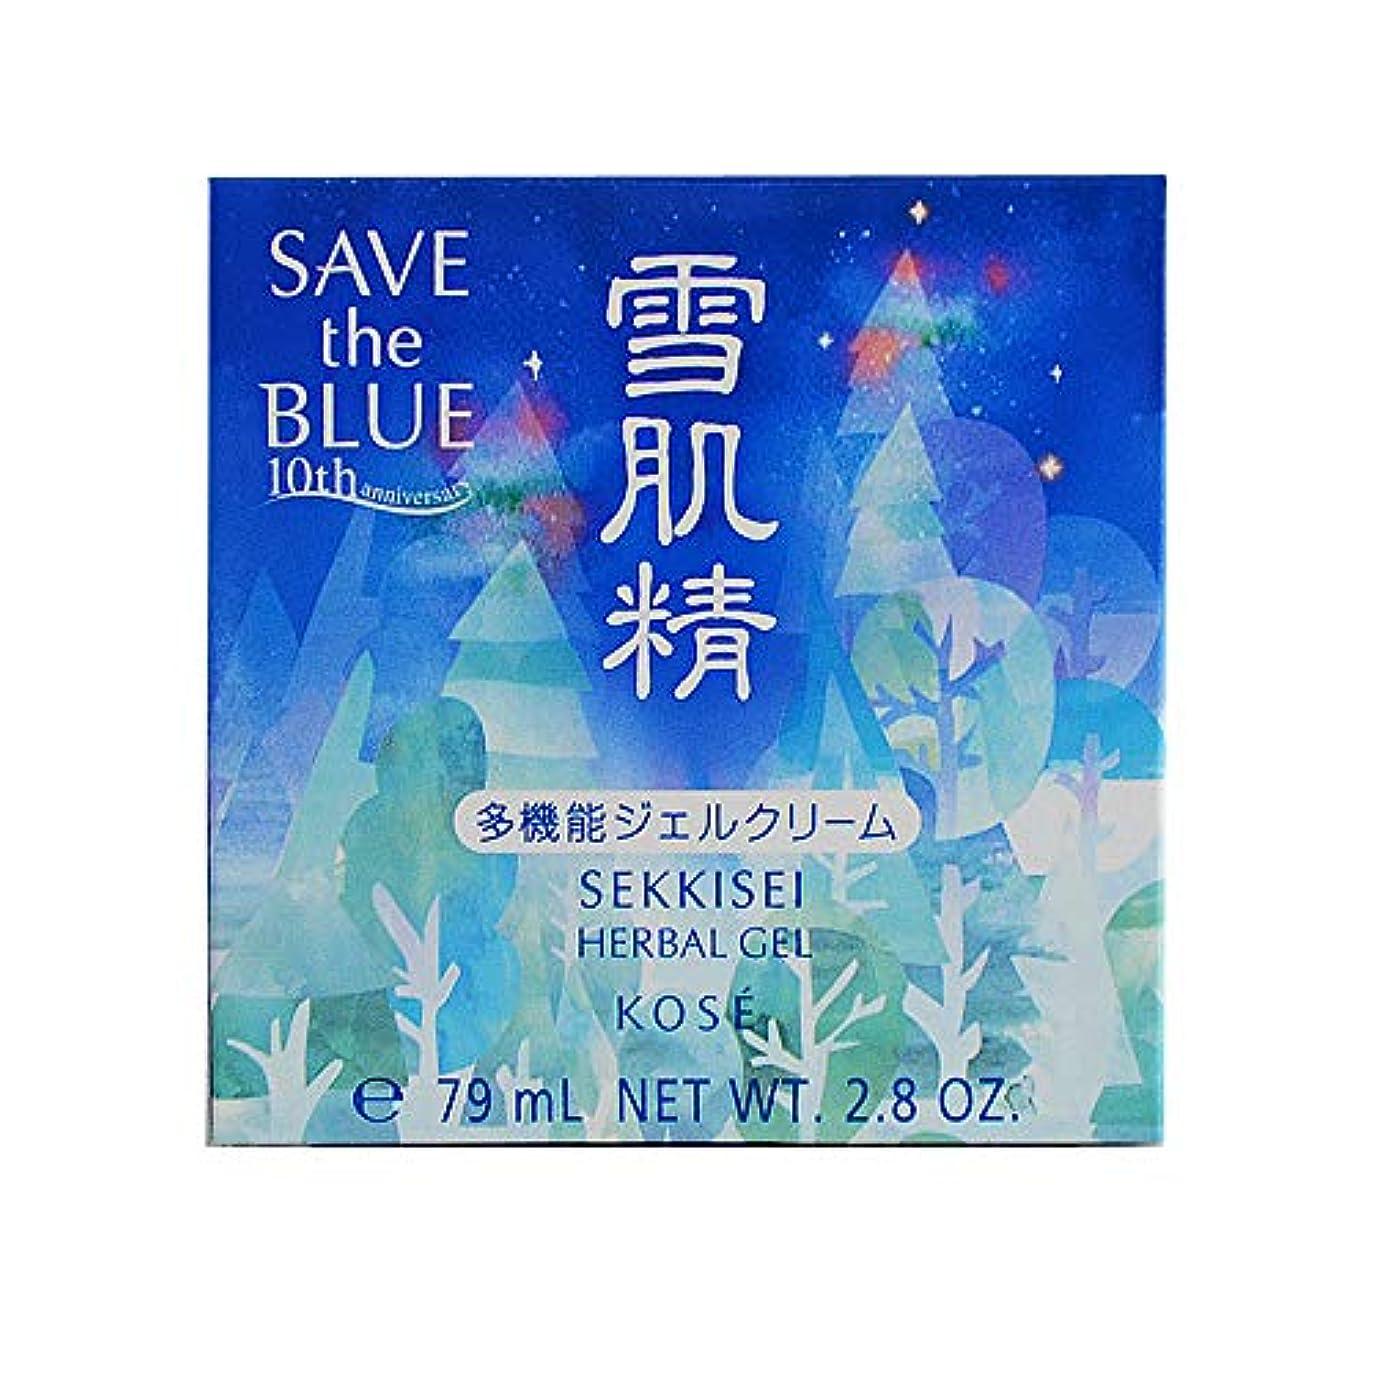 アコード路面電車スケートコーセー 雪肌精 ハーバルジェル 80g (SAVE the BLUE) [ フェイスクリーム ] [並行輸入品]